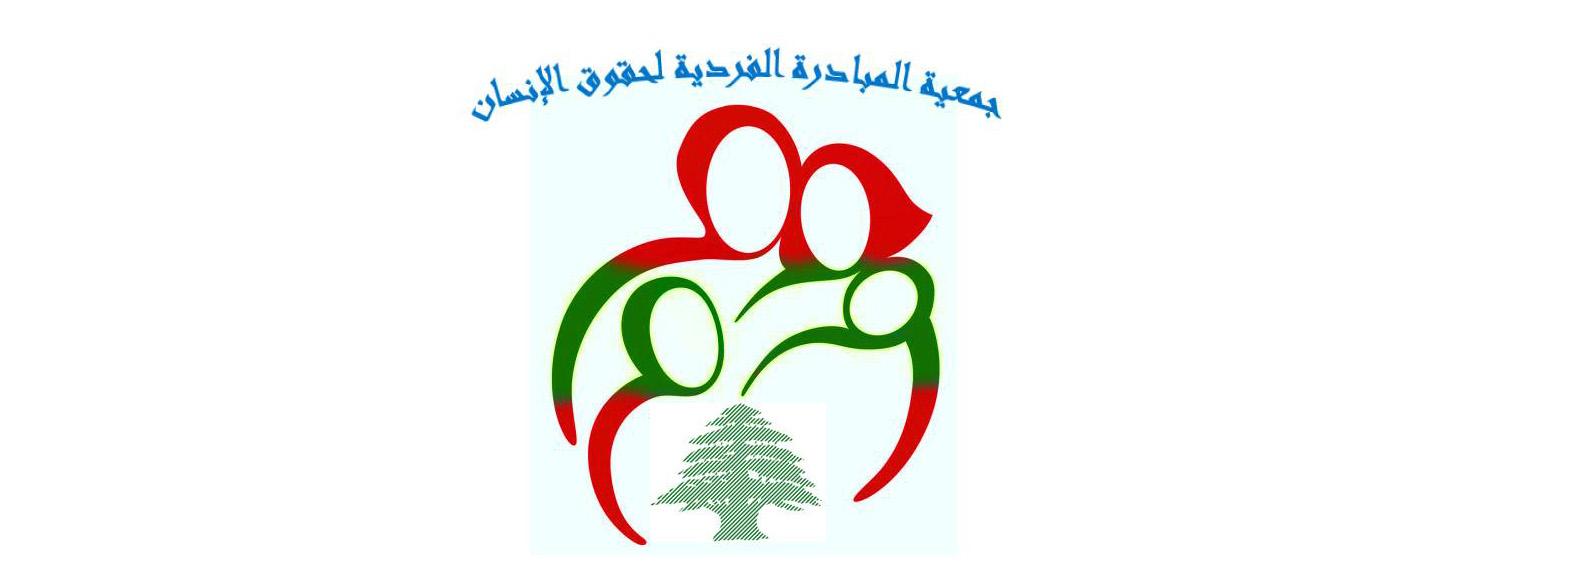 جمعية المبادرة الفردية لحقوق الانسان